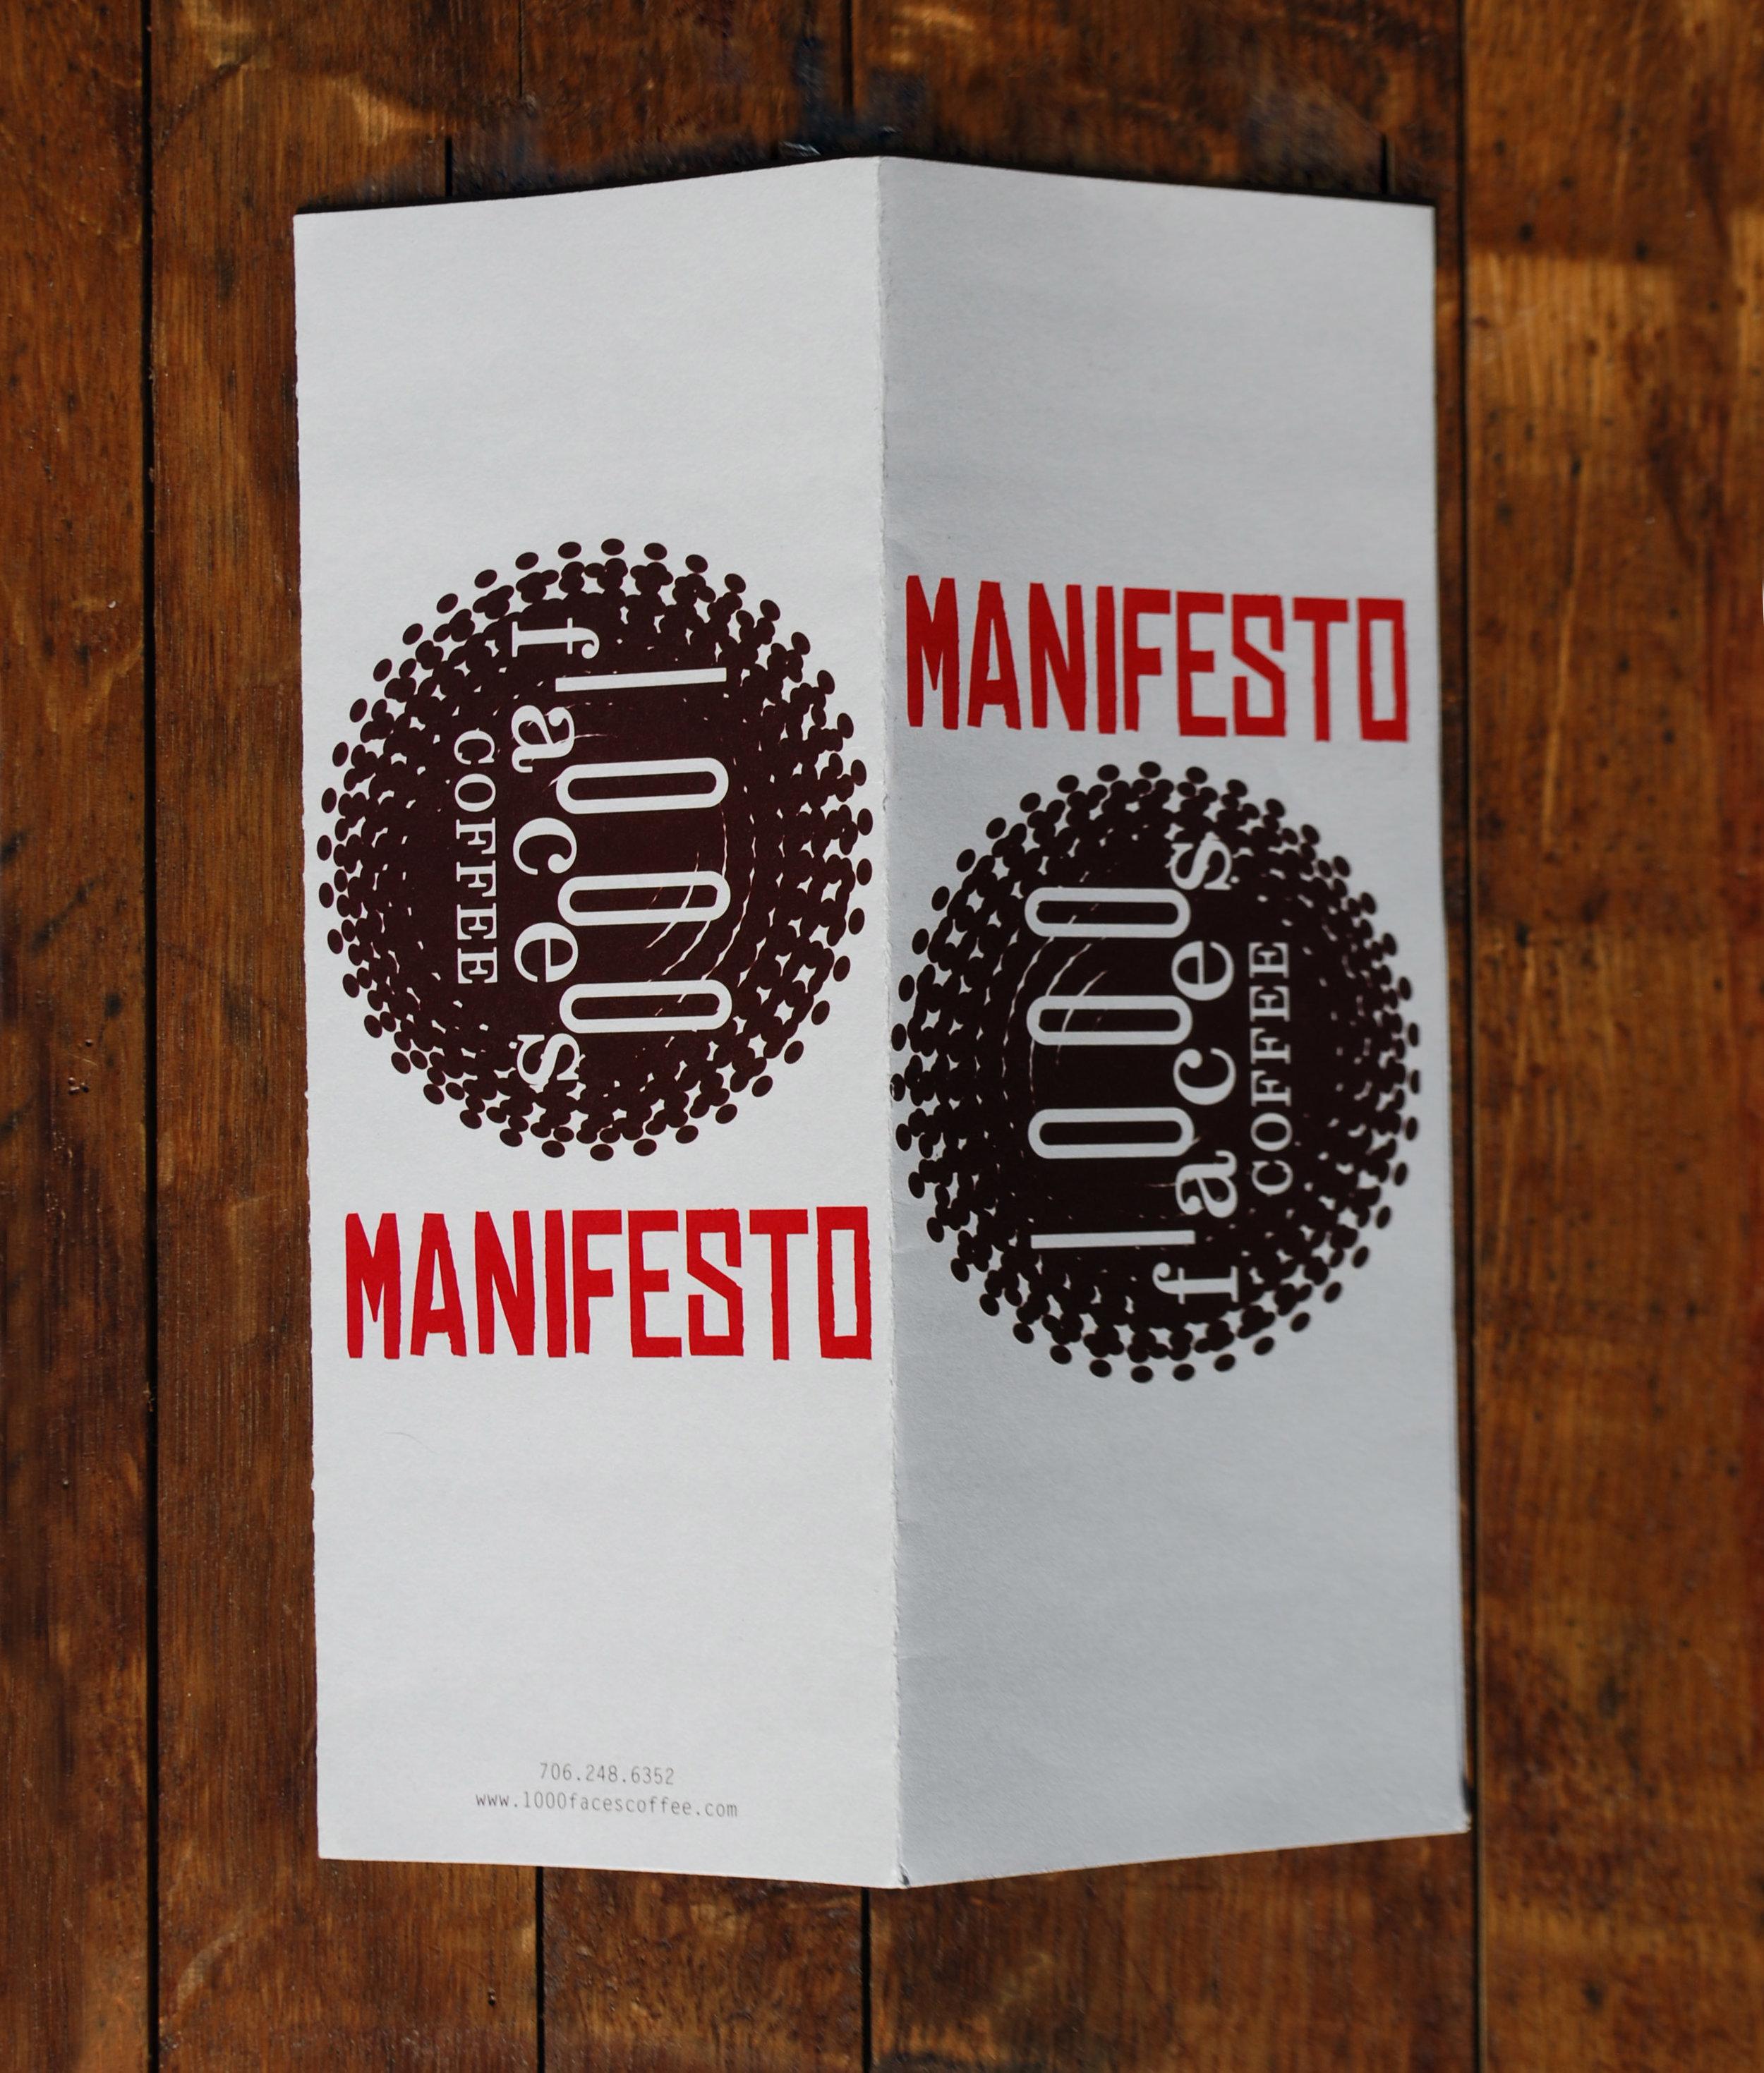 first opening, menu + manifesto